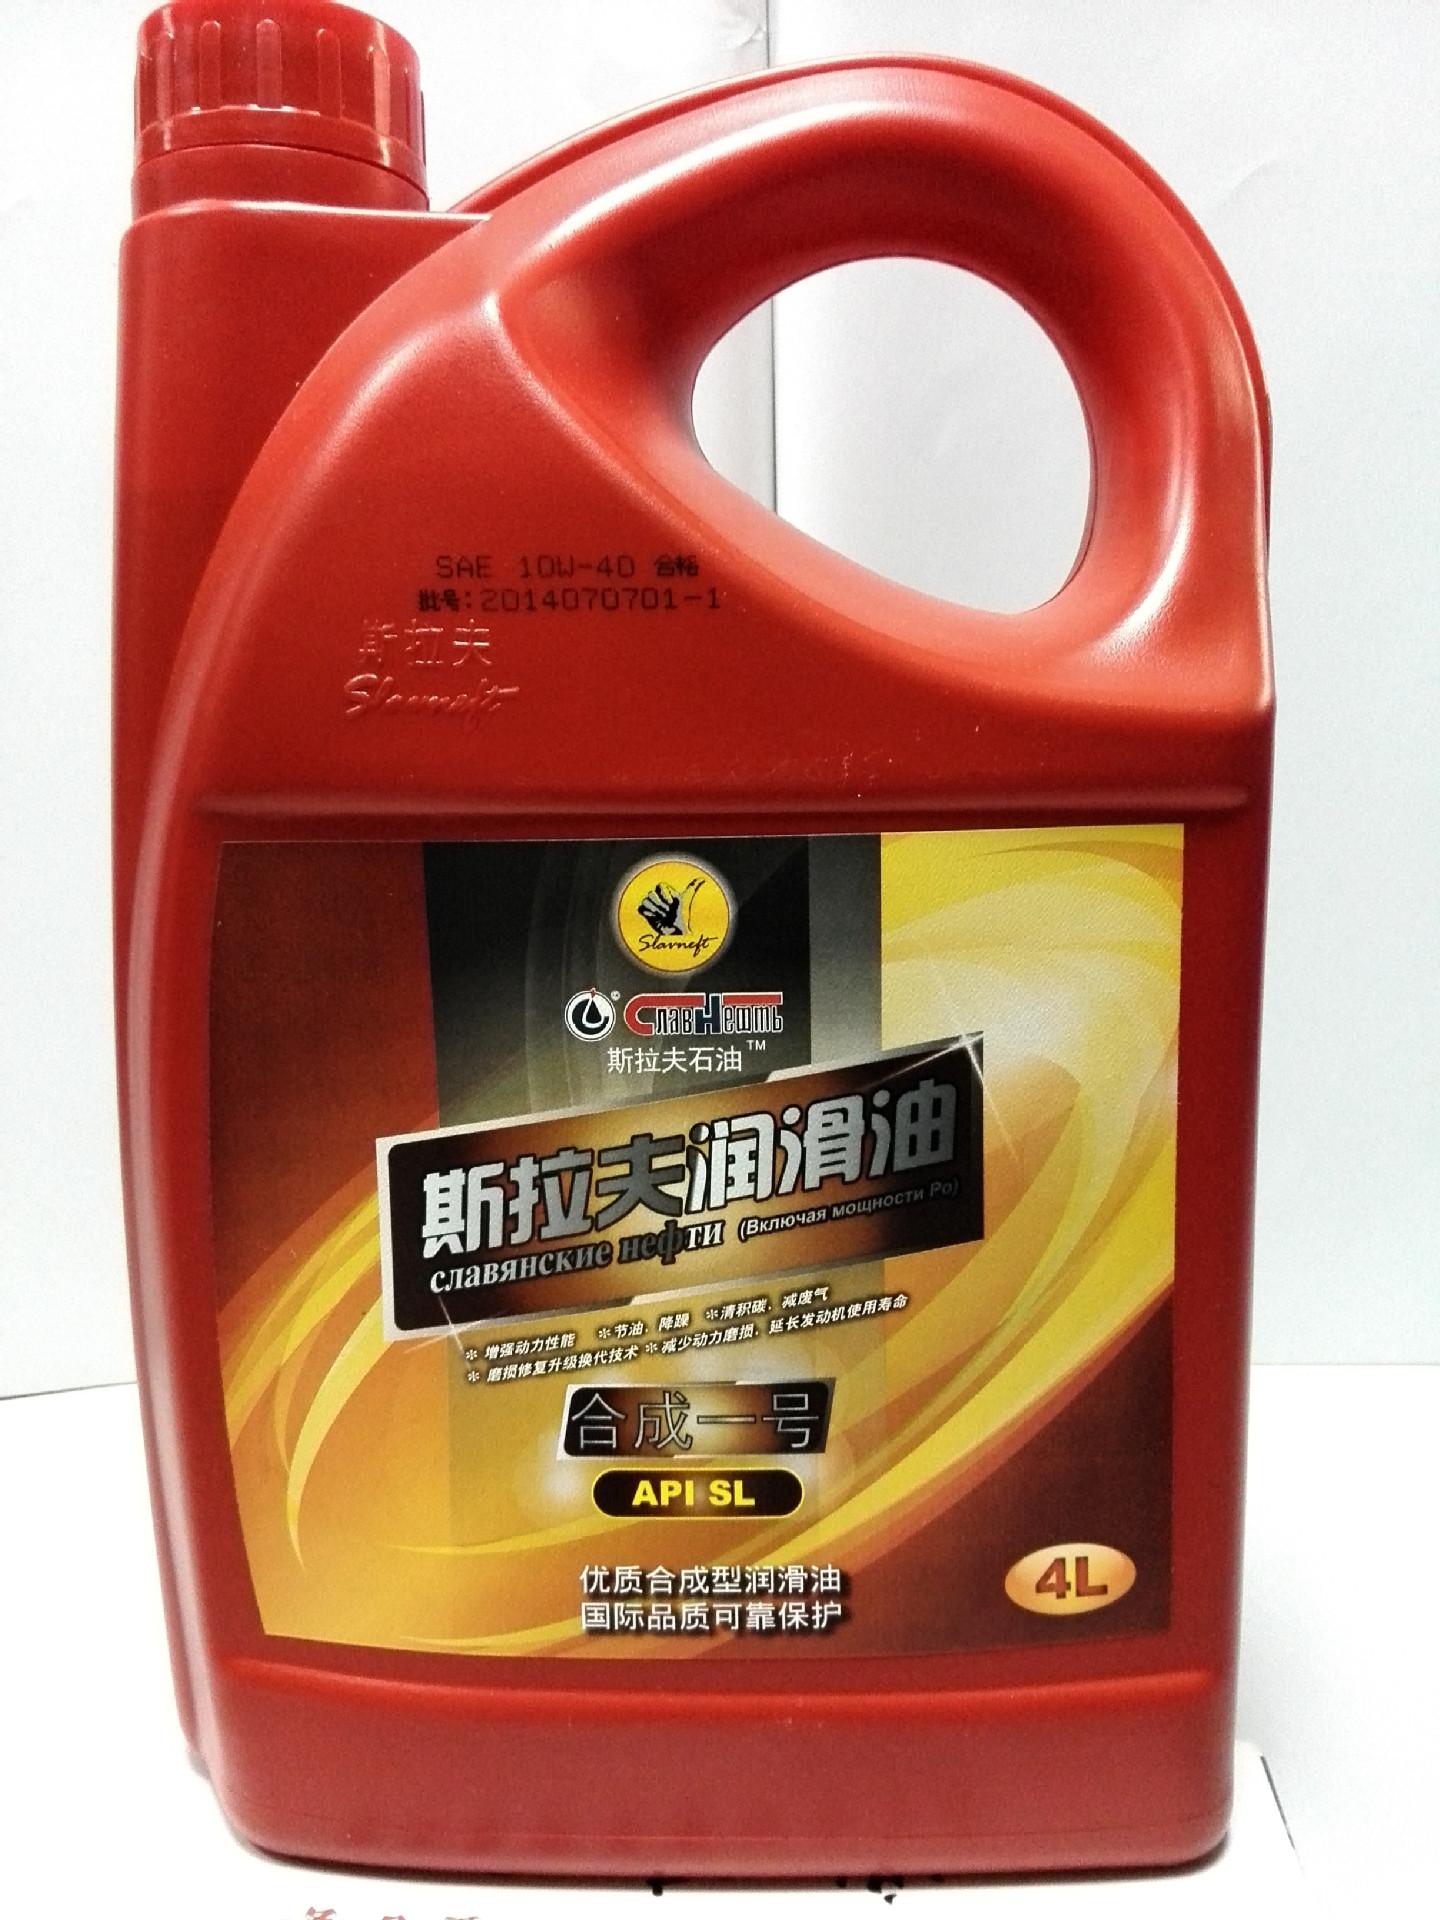 汽机油 摩机油 车用润滑油 厂家直销正品机油 进口机油